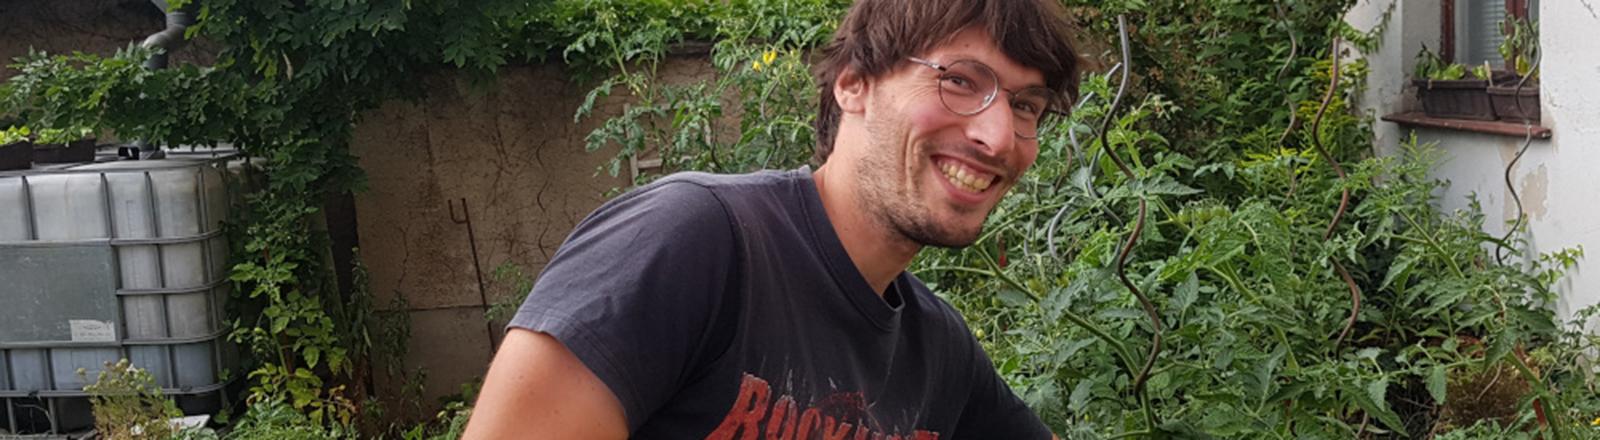 Ein Mann steht vor Tomatenpflanzen und schaut lächelnd in die Kamera.